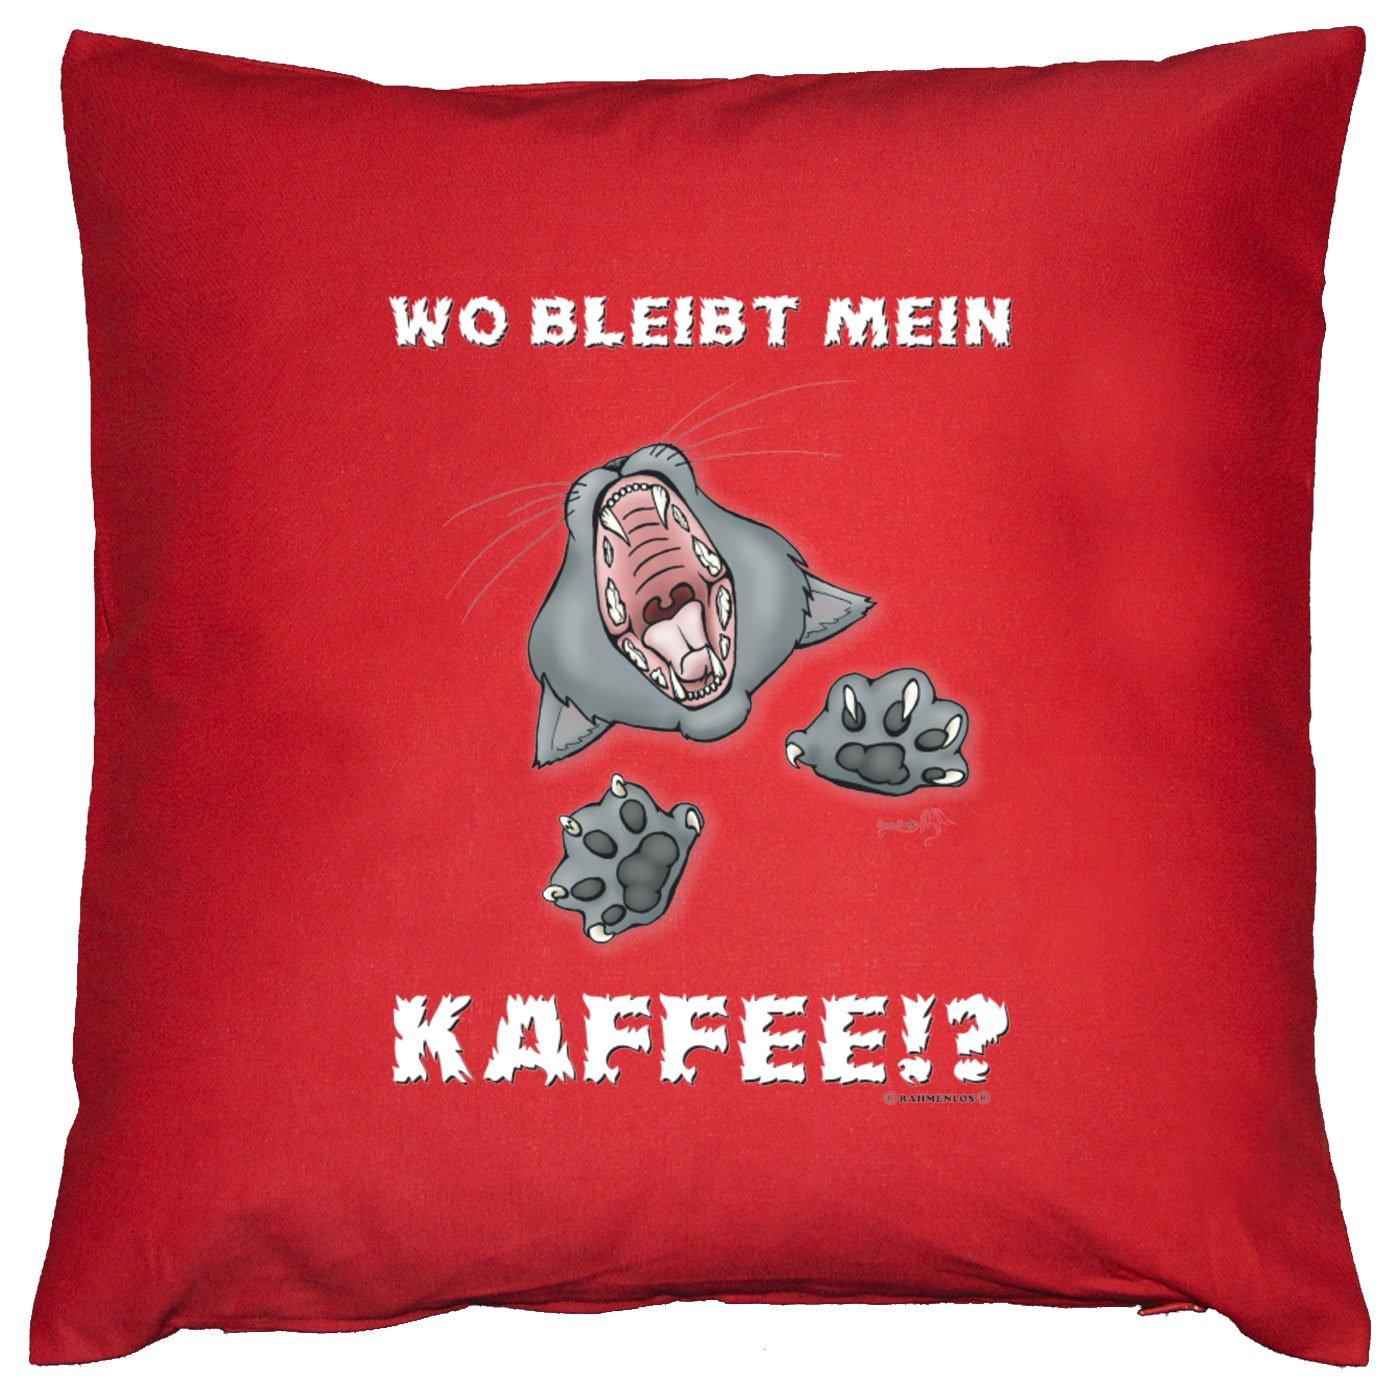 Sofa Fun Kissen mit Füllung - Spruch: Wo bleibt mein Kaffee!? - cooles lustiges Geschenk Couchkissen Sofakissen Dekokissen Geburtstag Weihnachten